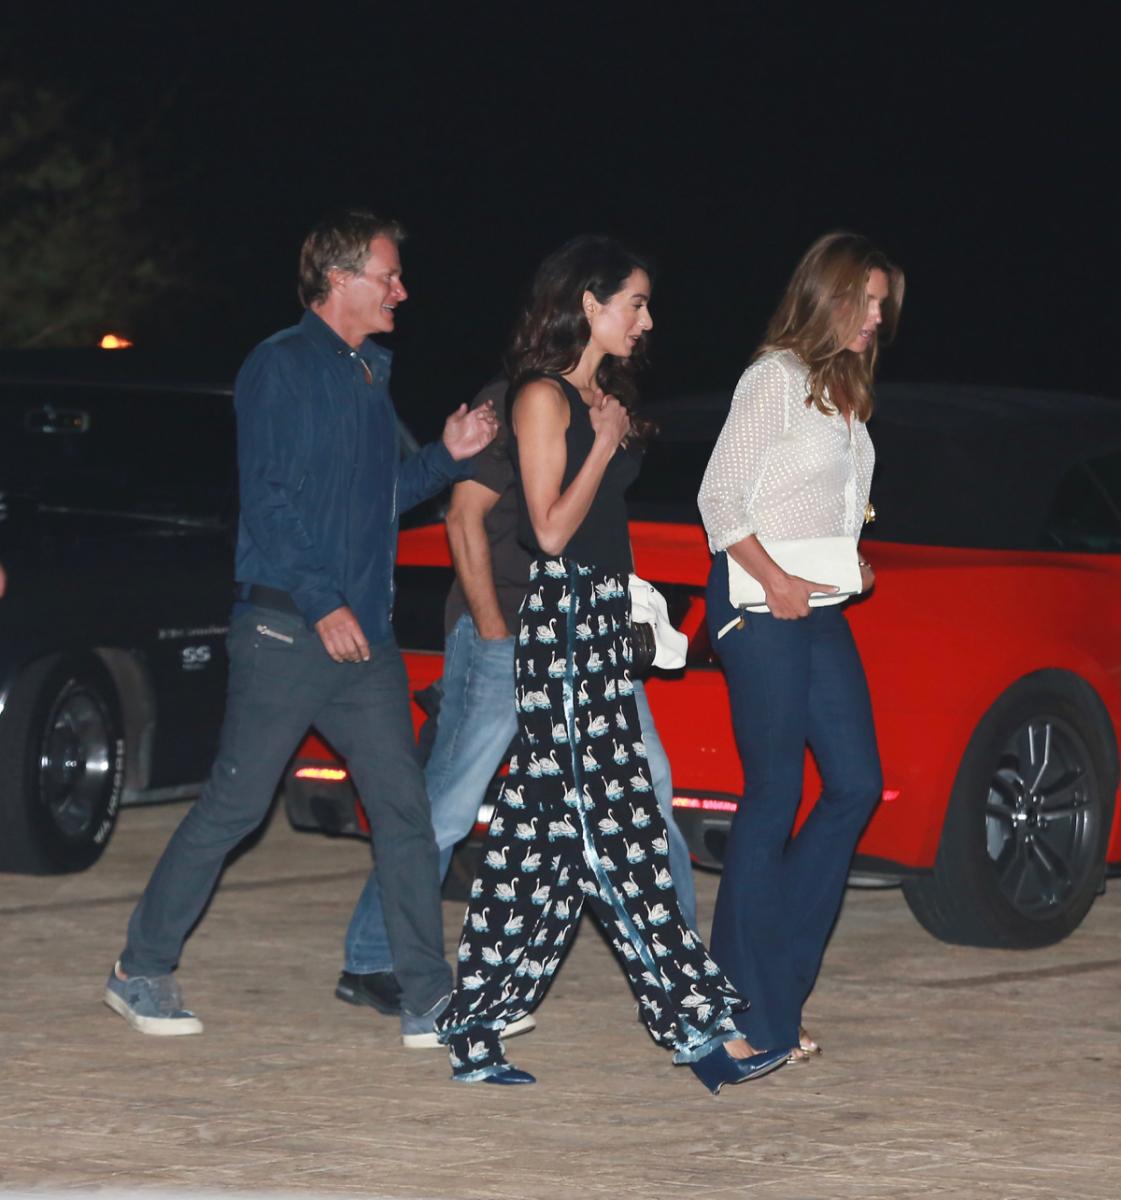 夫や友達とナイトアウトを満喫中。そんな楽しい夜は、スワンモチーフのステラ マッカートニーのパジャマパンツを選ぶあたりがさすが。それよりもさすが! なのは、隣に並ぶ友達がシンディ・クロフォードであるということ。元祖スーパーモデルと並んでこ絵になる一般人、それがアマル。